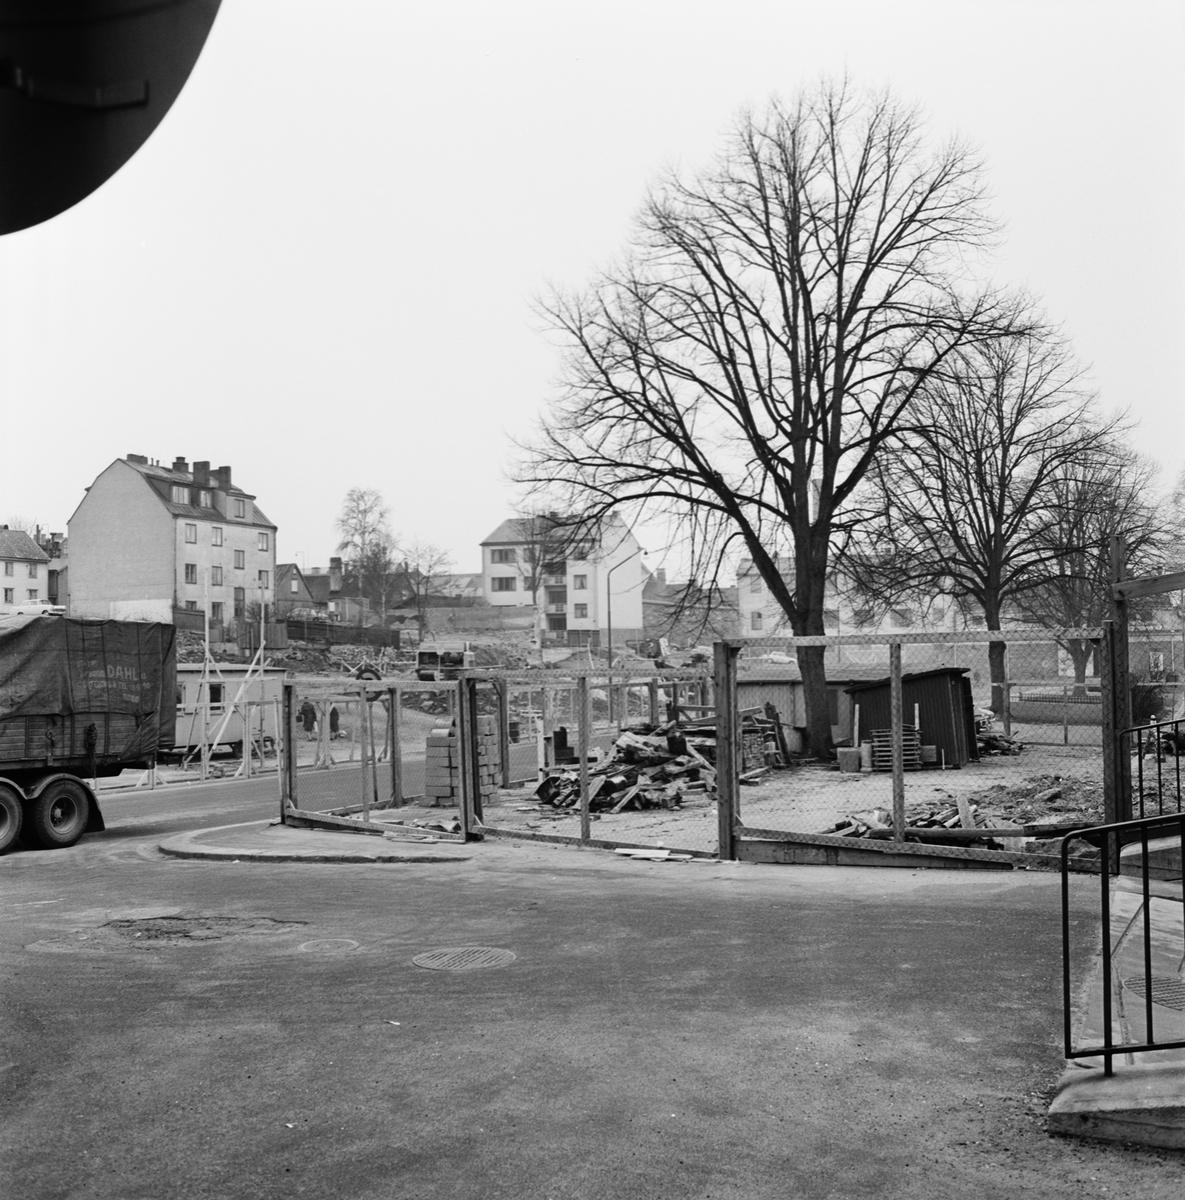 Övrigt: Foto datum: 7/5 1965 Byggnader och kranar Kvarteret Pollux